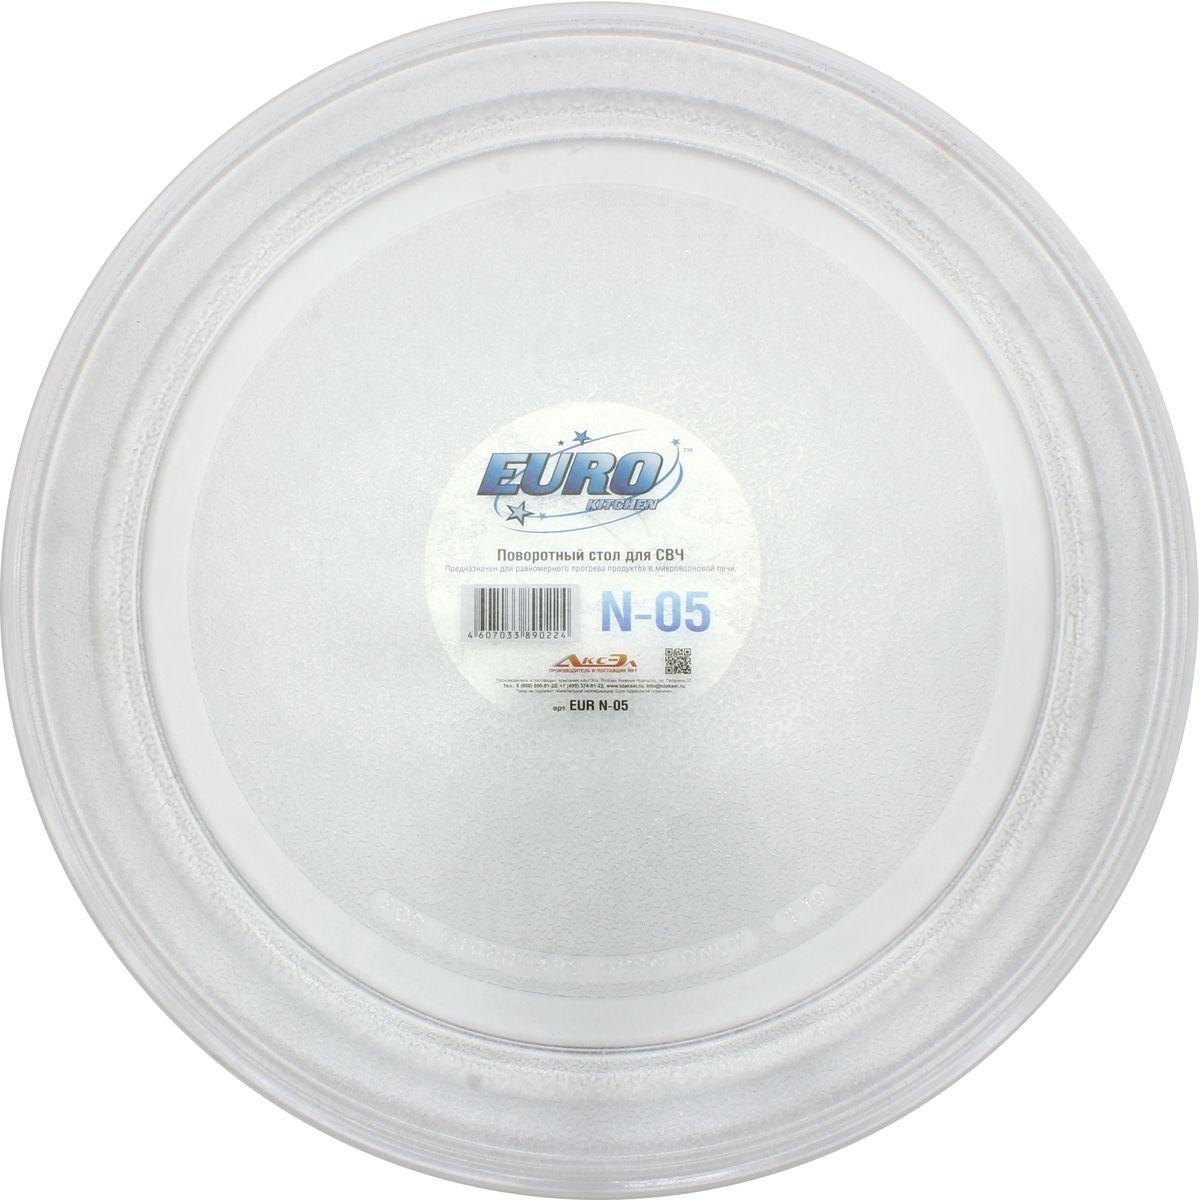 Euro Kitchen N-05 тарелка для СВЧ